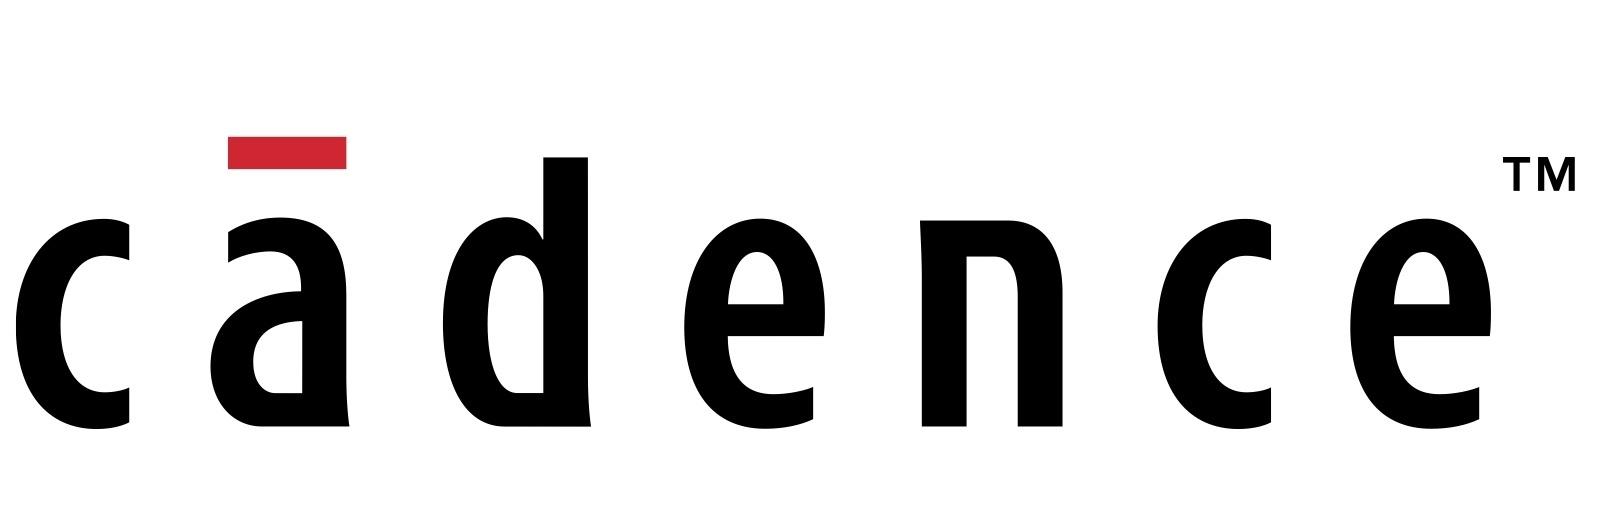 Cadence Design Systems logo